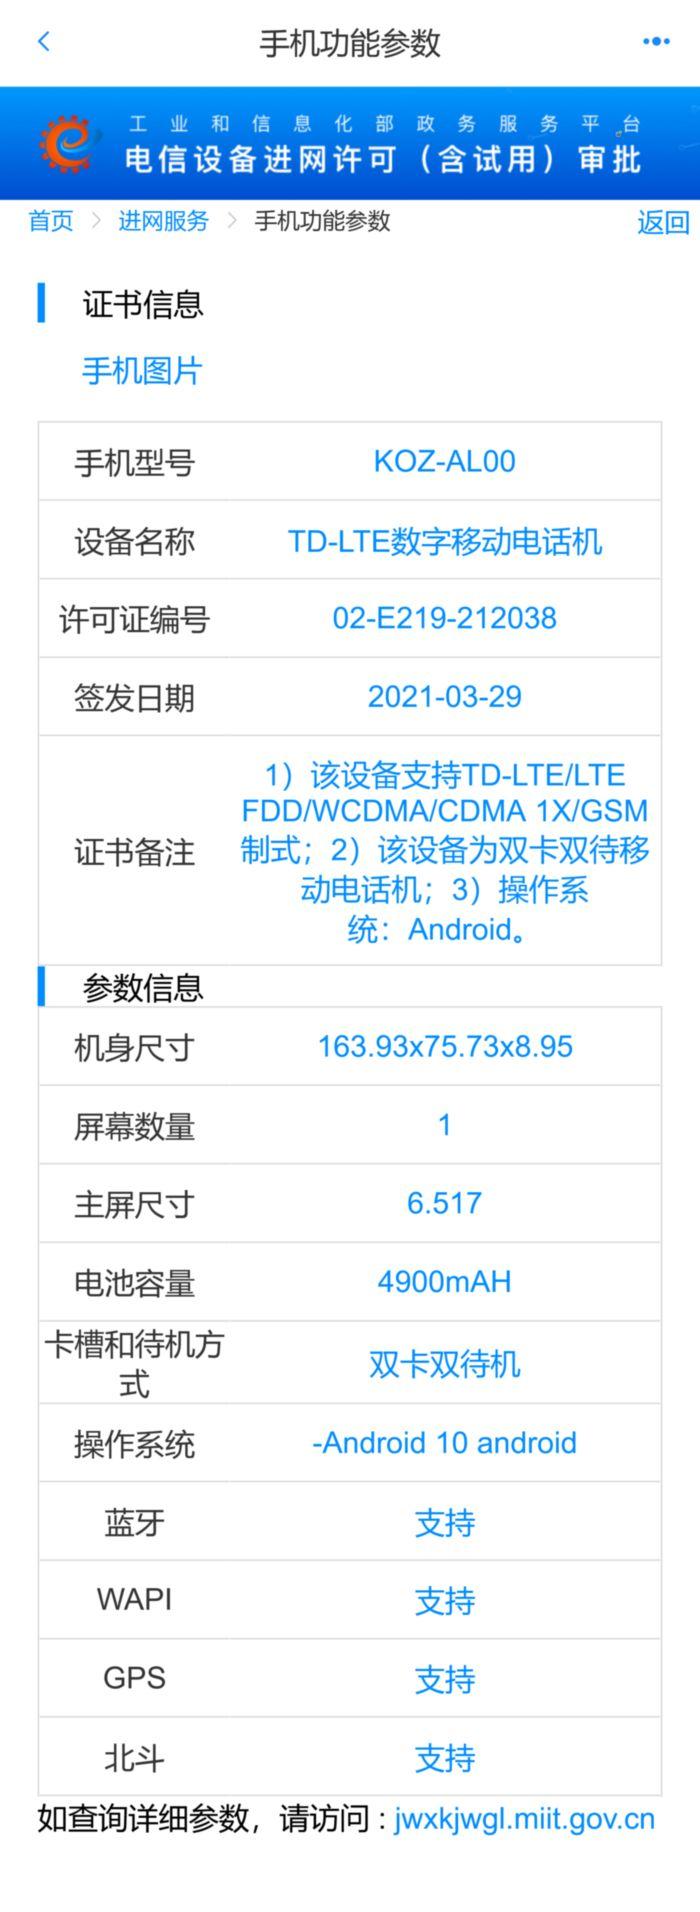 荣耀4G新机入网 仅支持10W有线快充